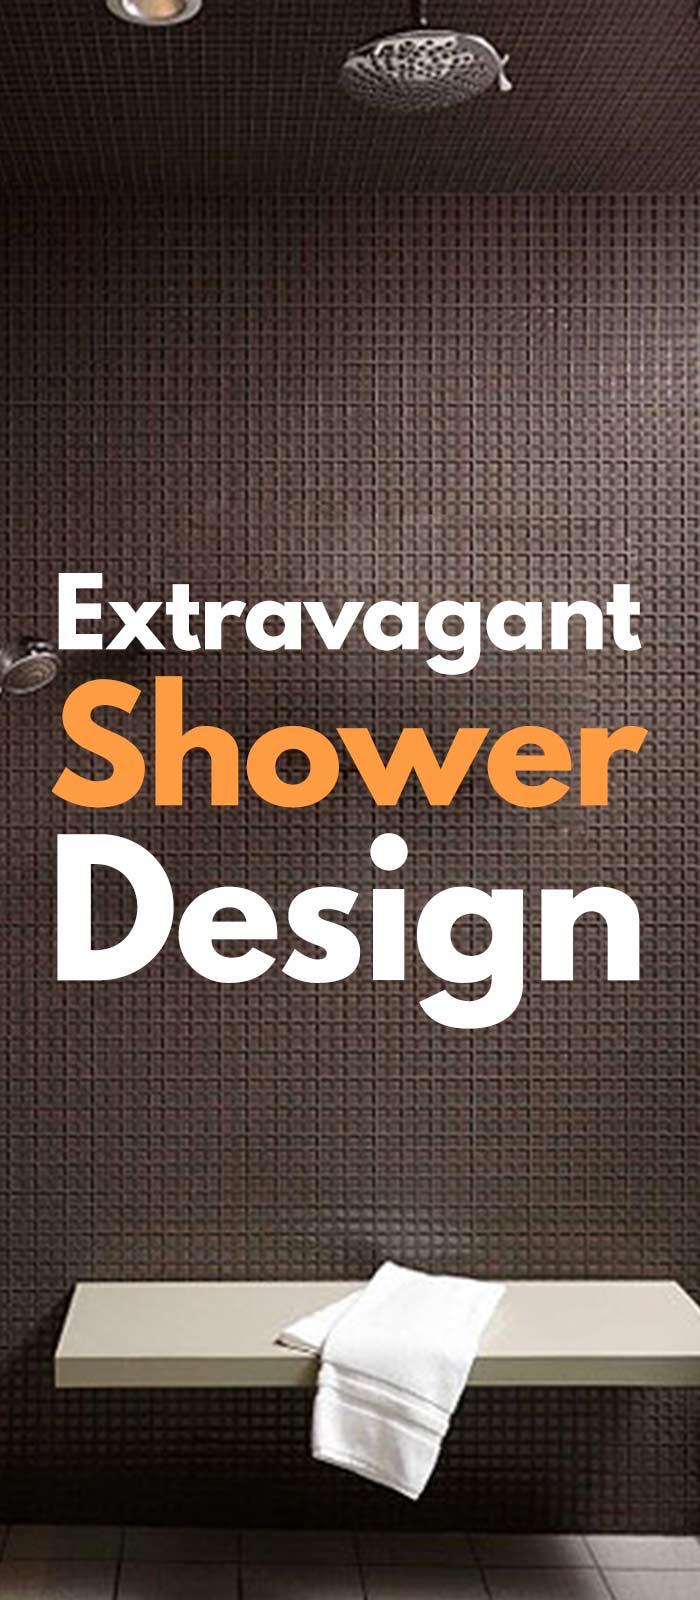 37 Extravagant Shower Design Ideas